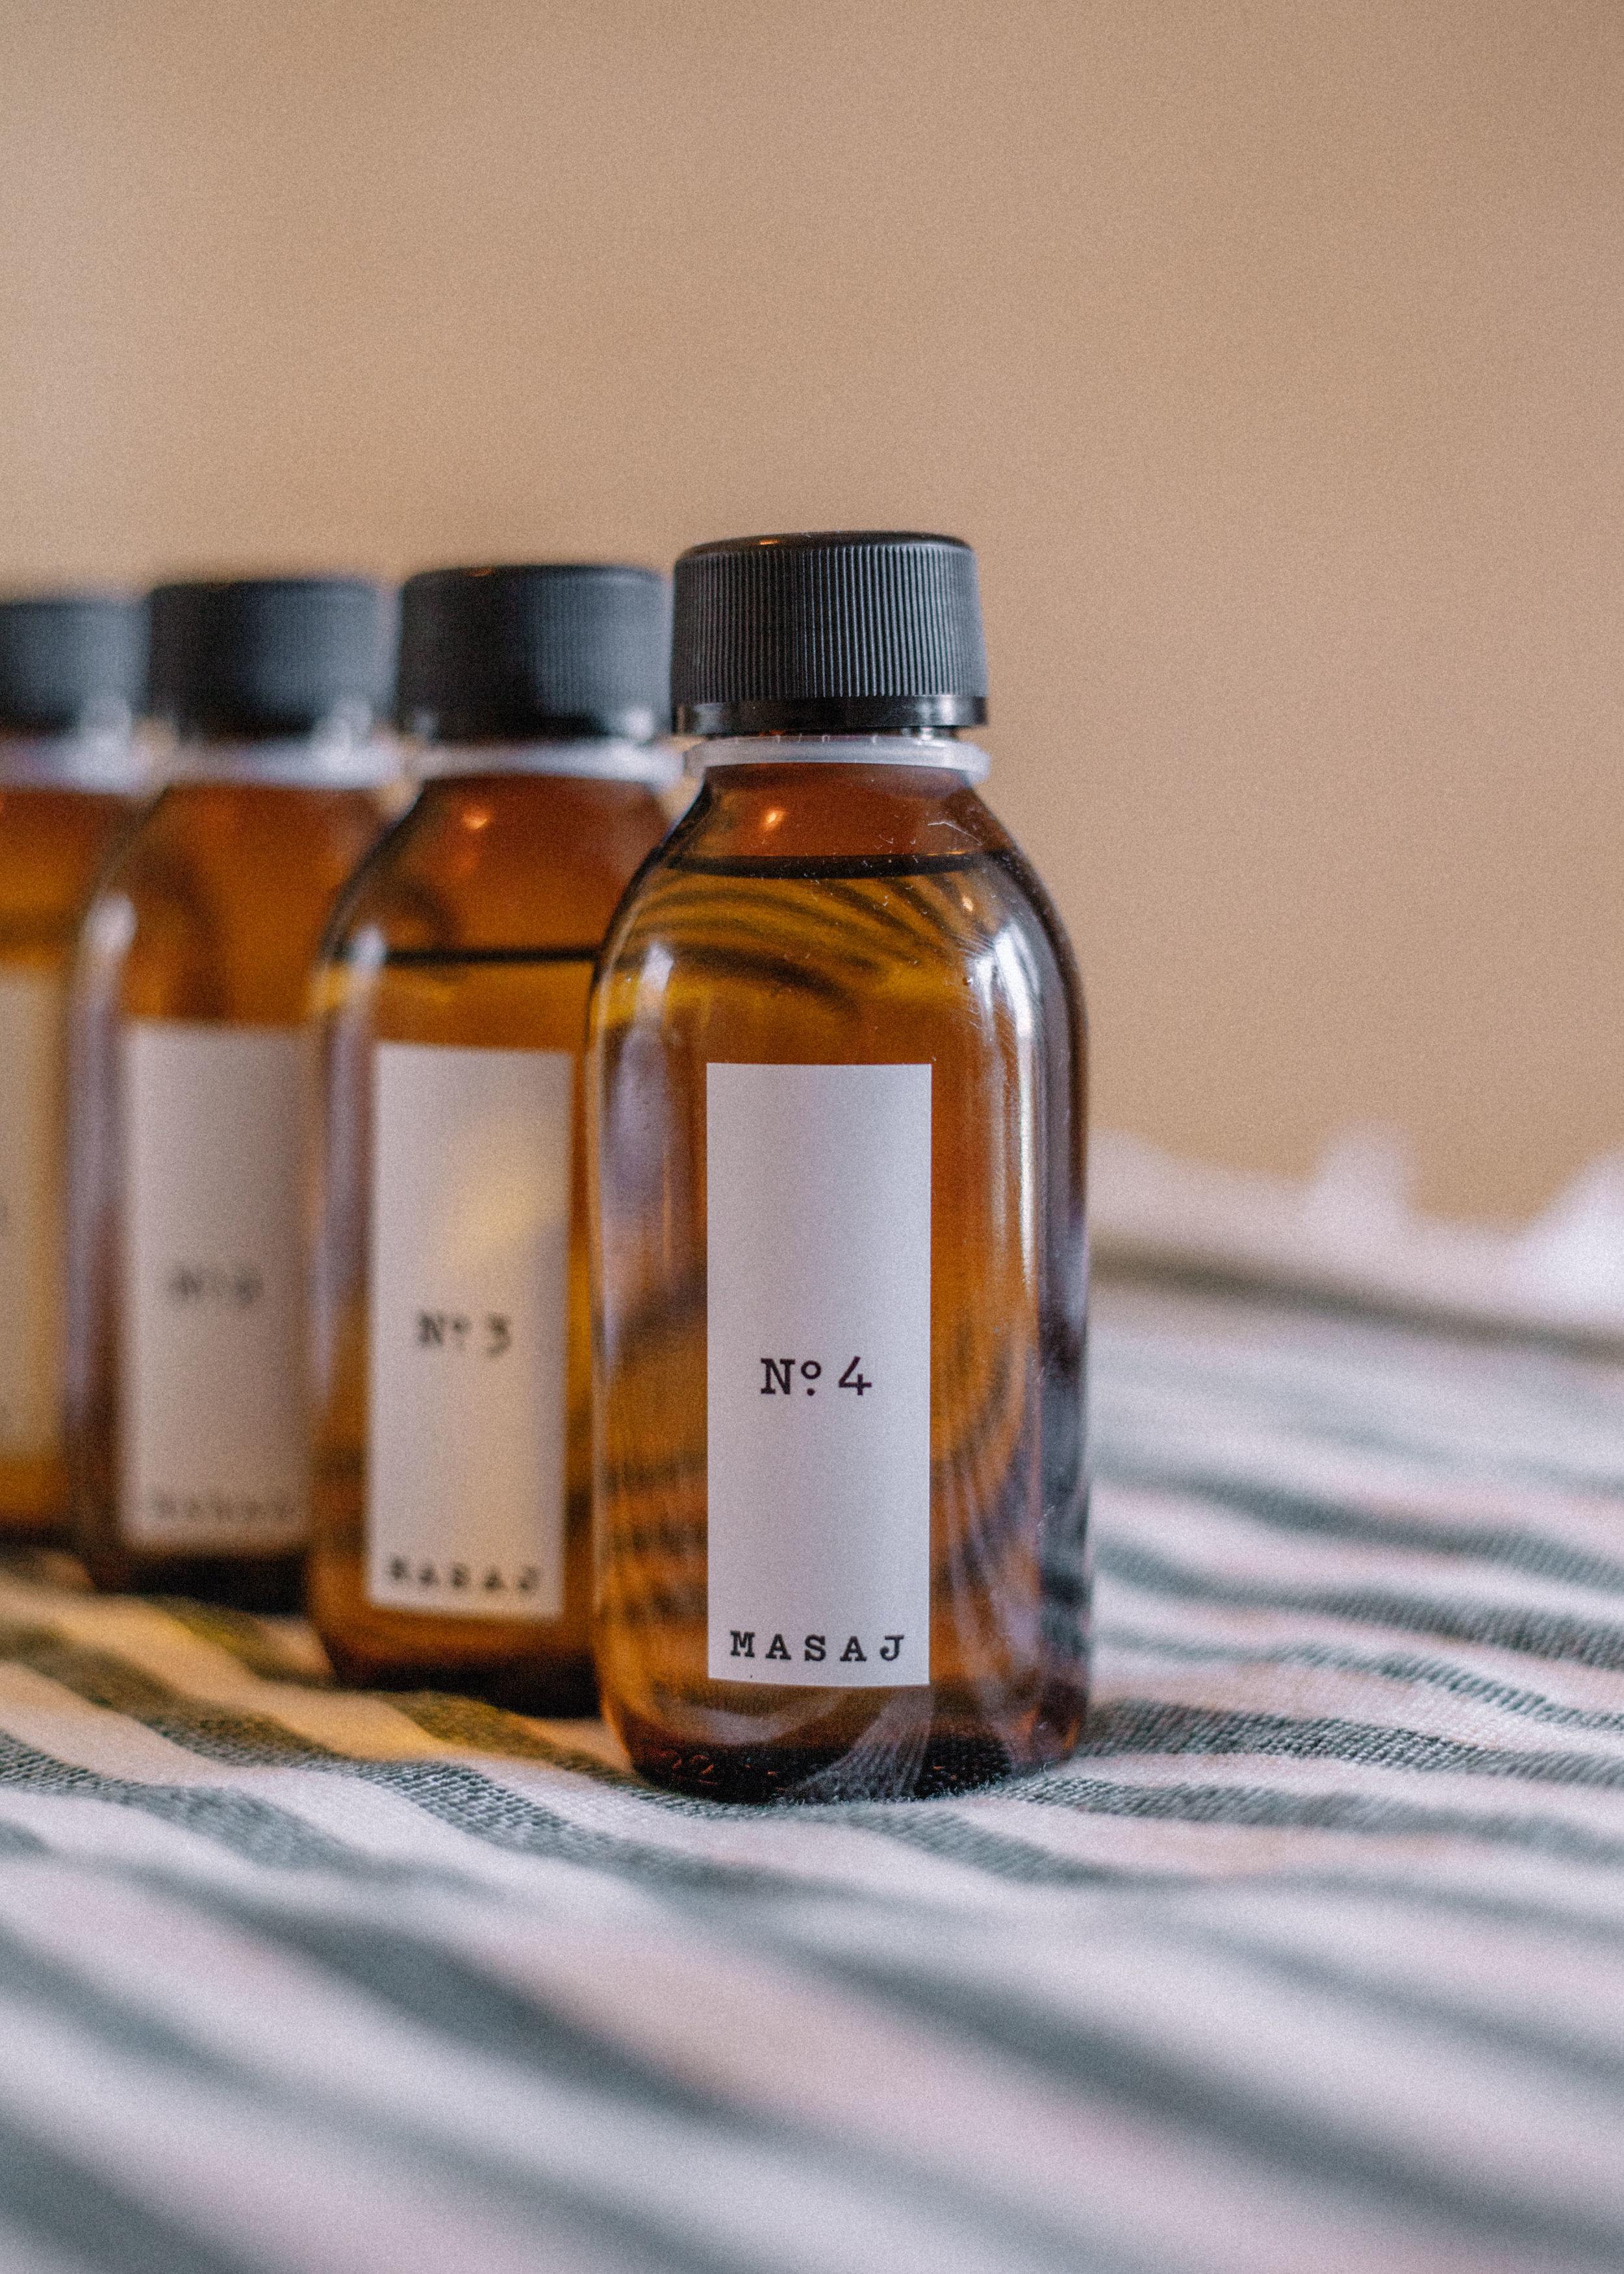 MASAJ Bottles.jpg